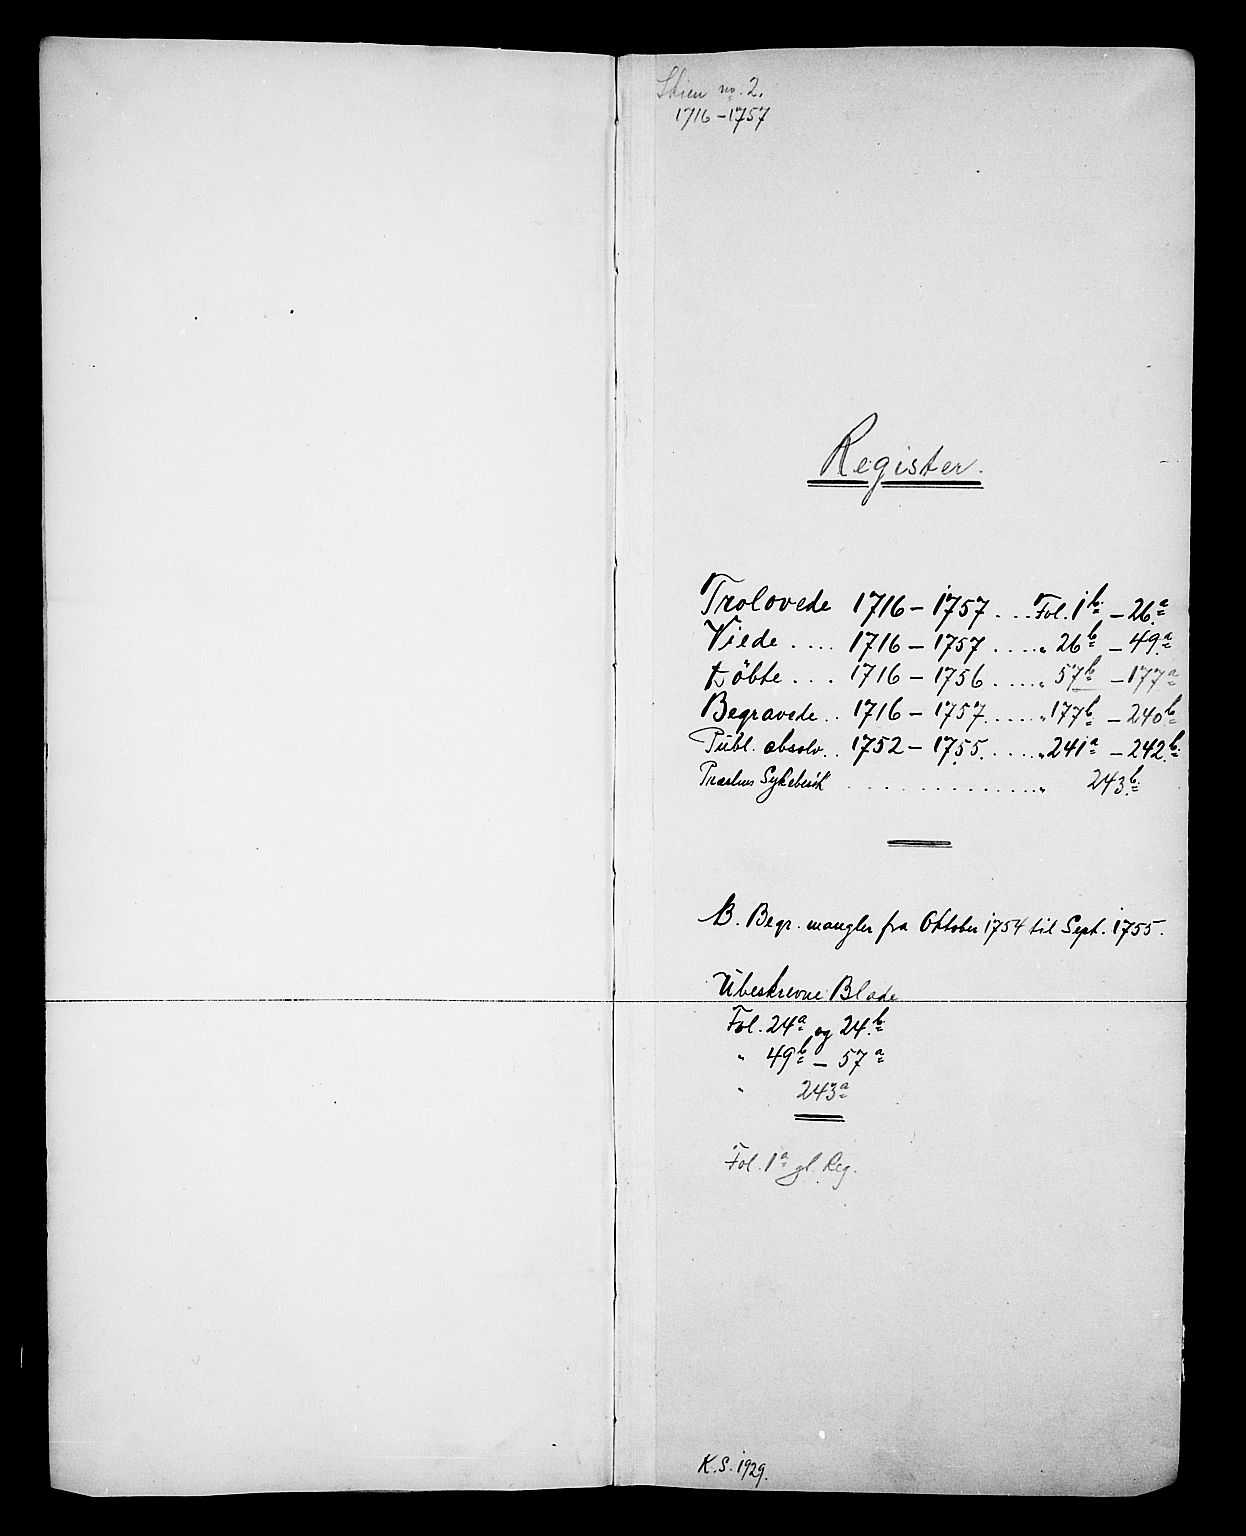 SAKO, Skien kirkebøker, F/Fa/L0002: Ministerialbok nr. 2, 1716-1757